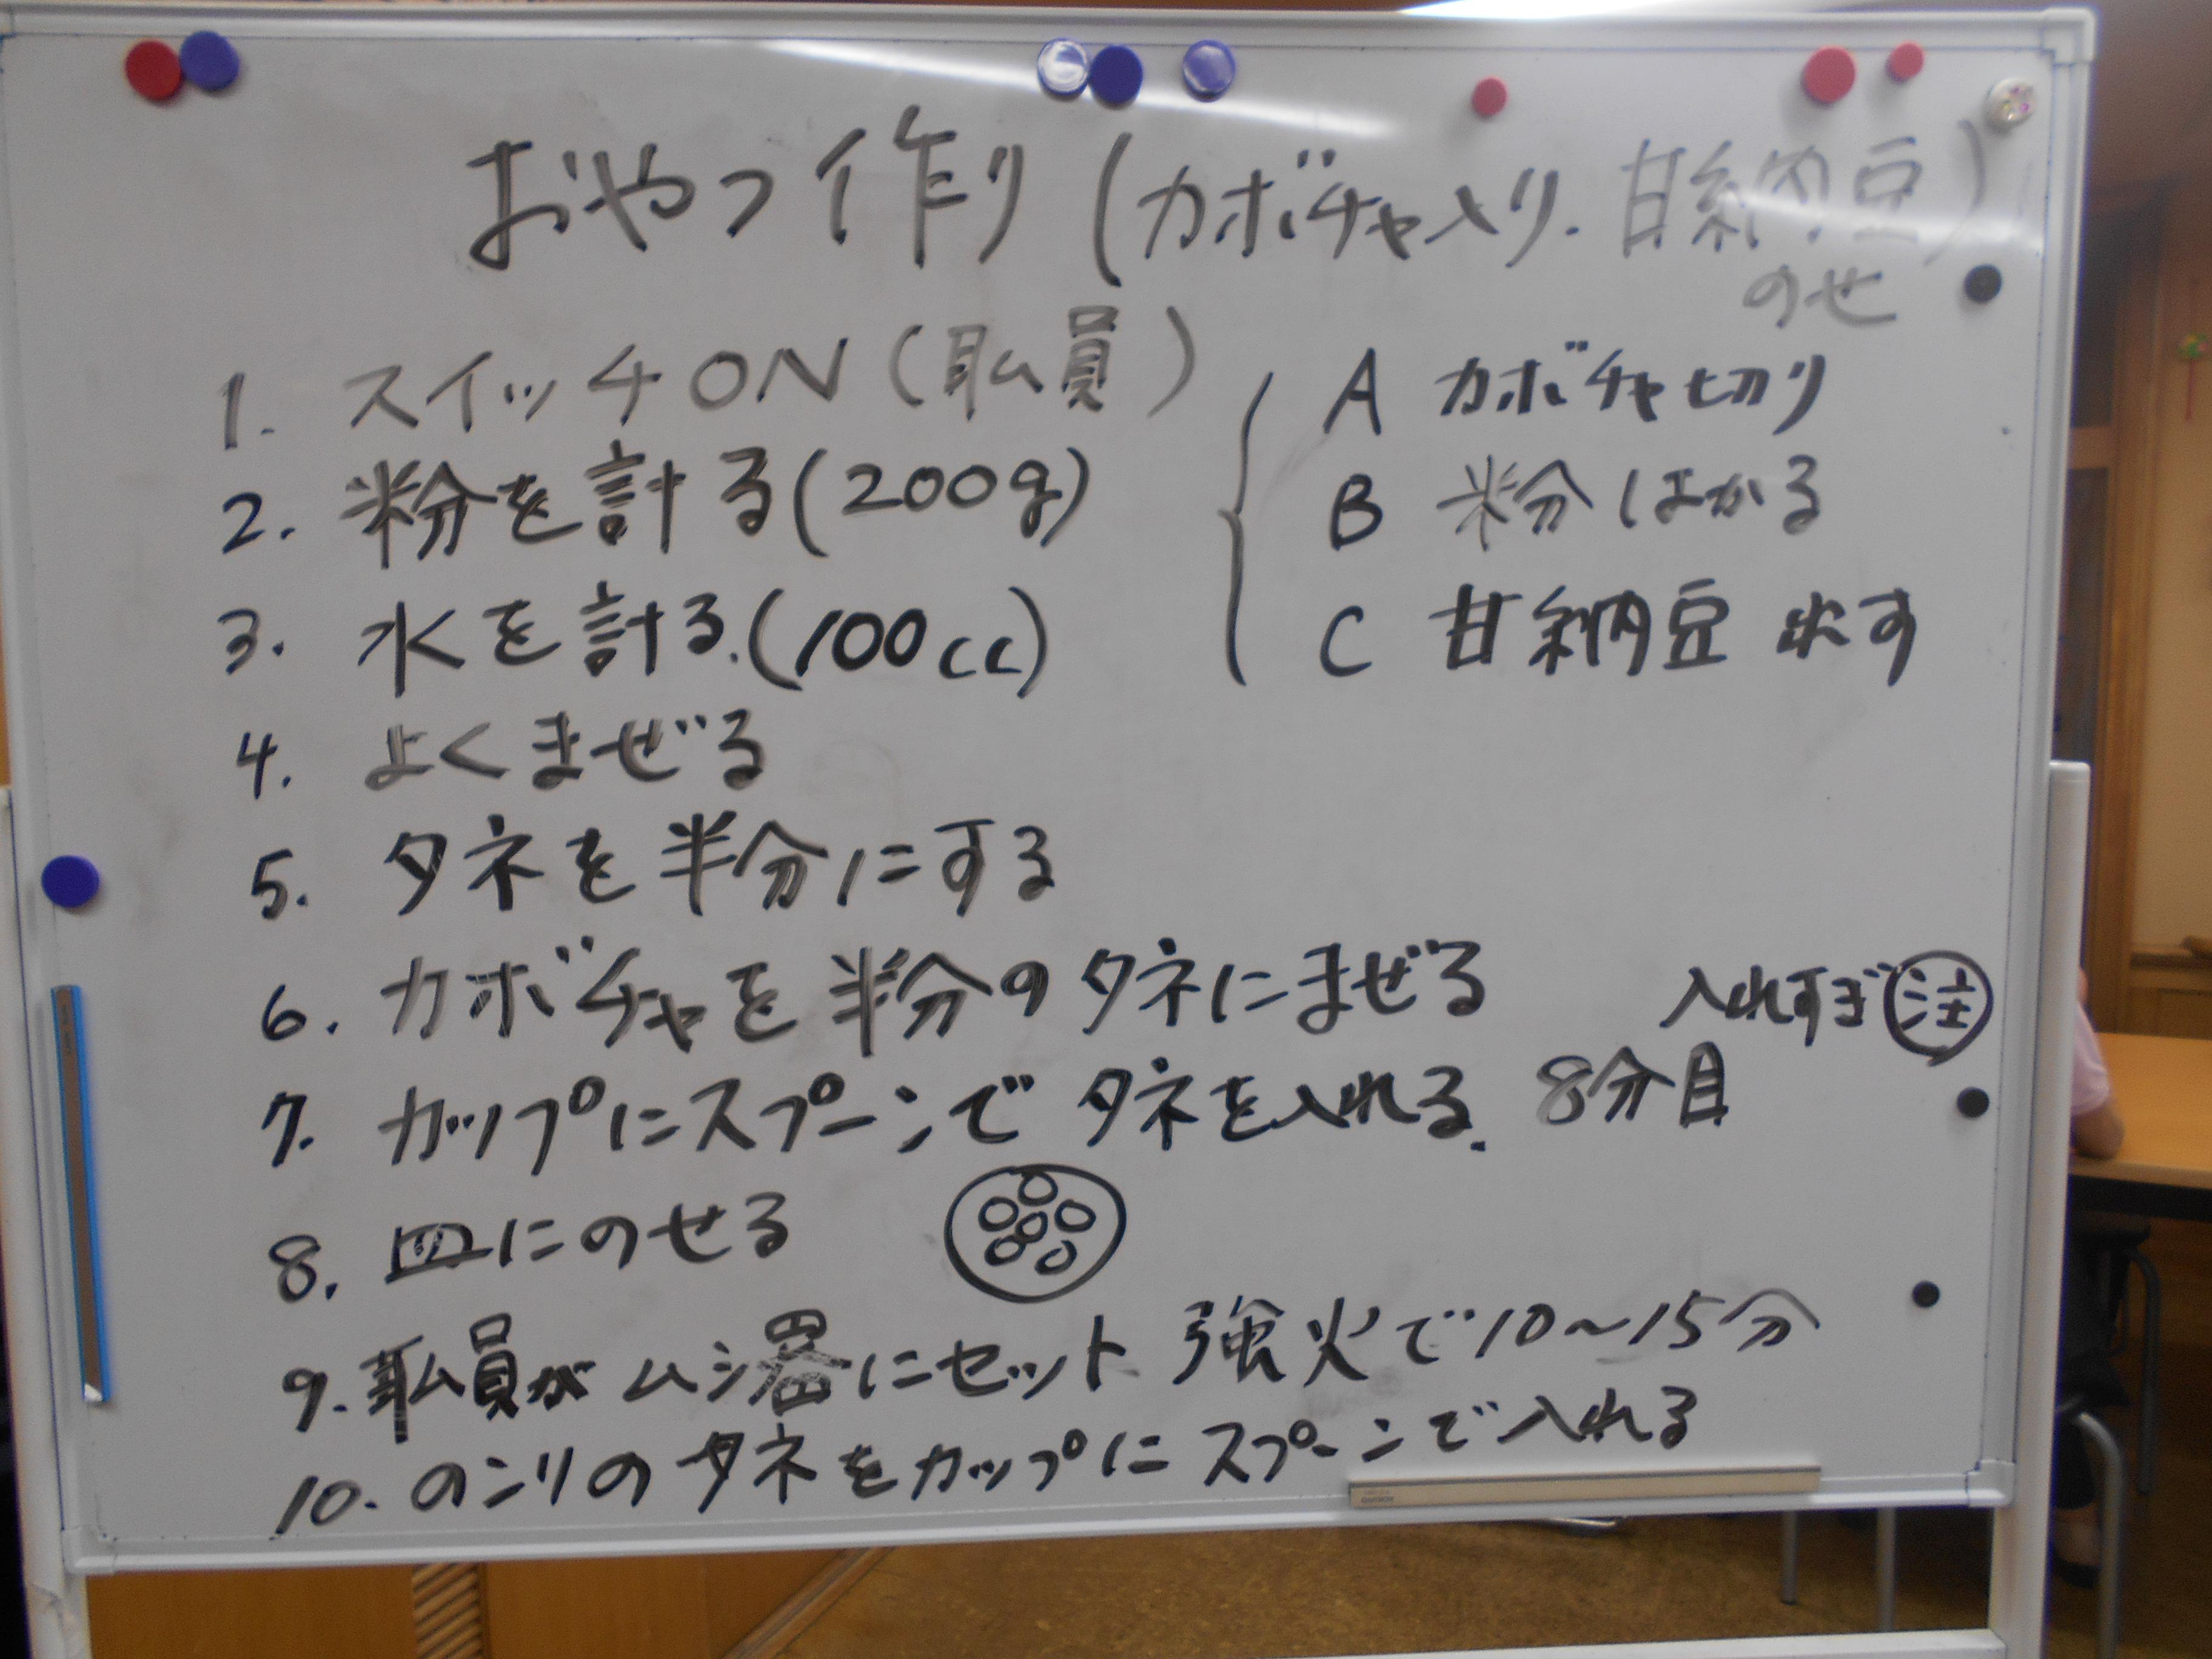 蒸しパンレシピ.JPG